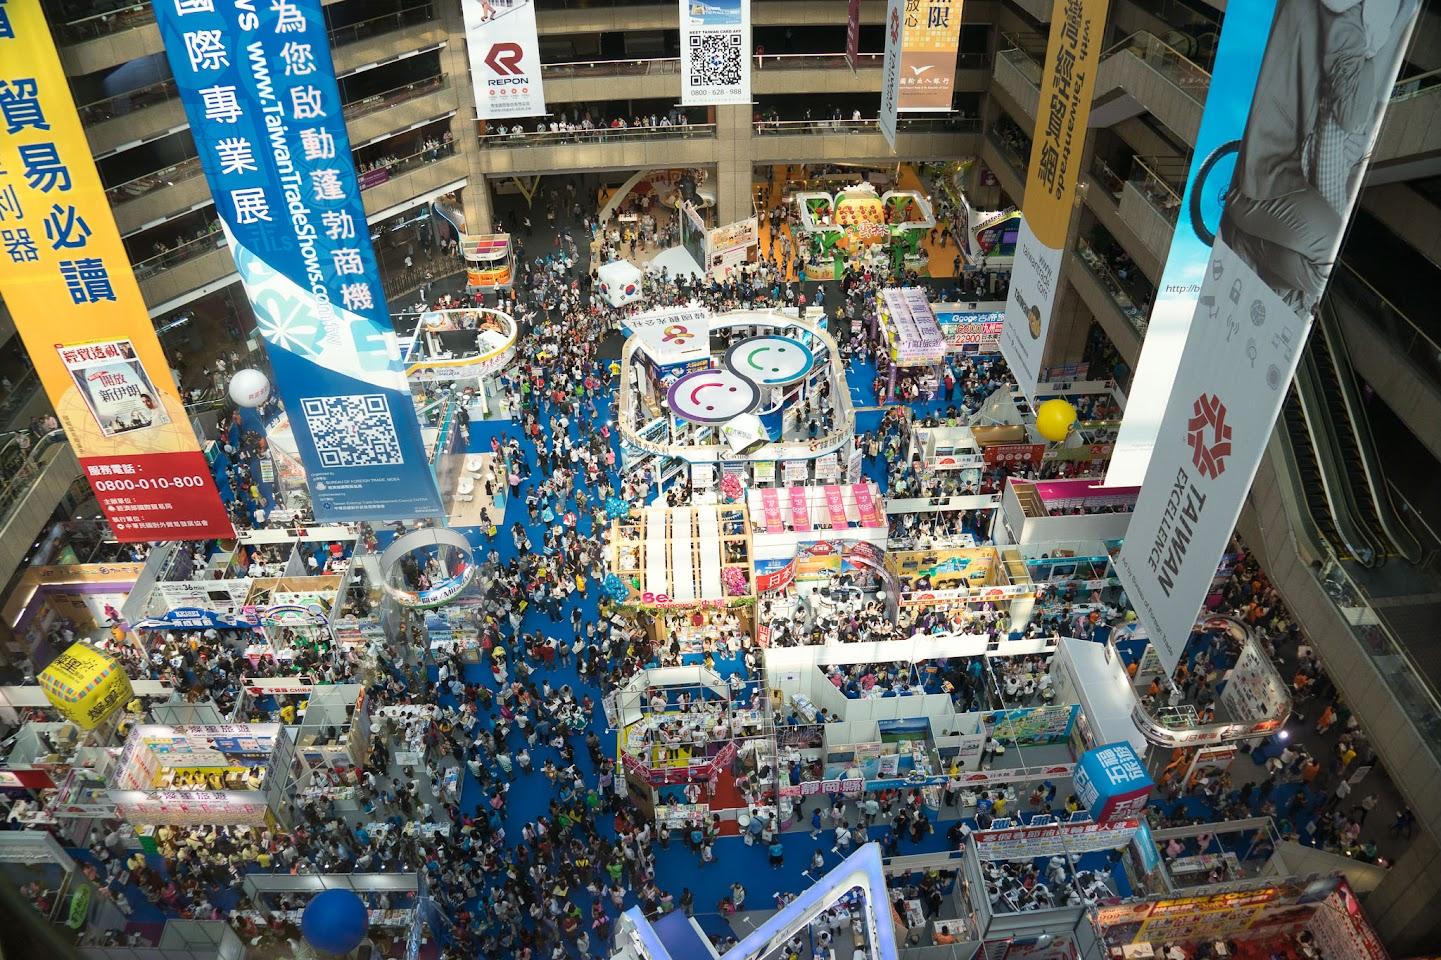 第24回台北国際旅行博(ITF2016)@台北世界貿易センター(台北市)